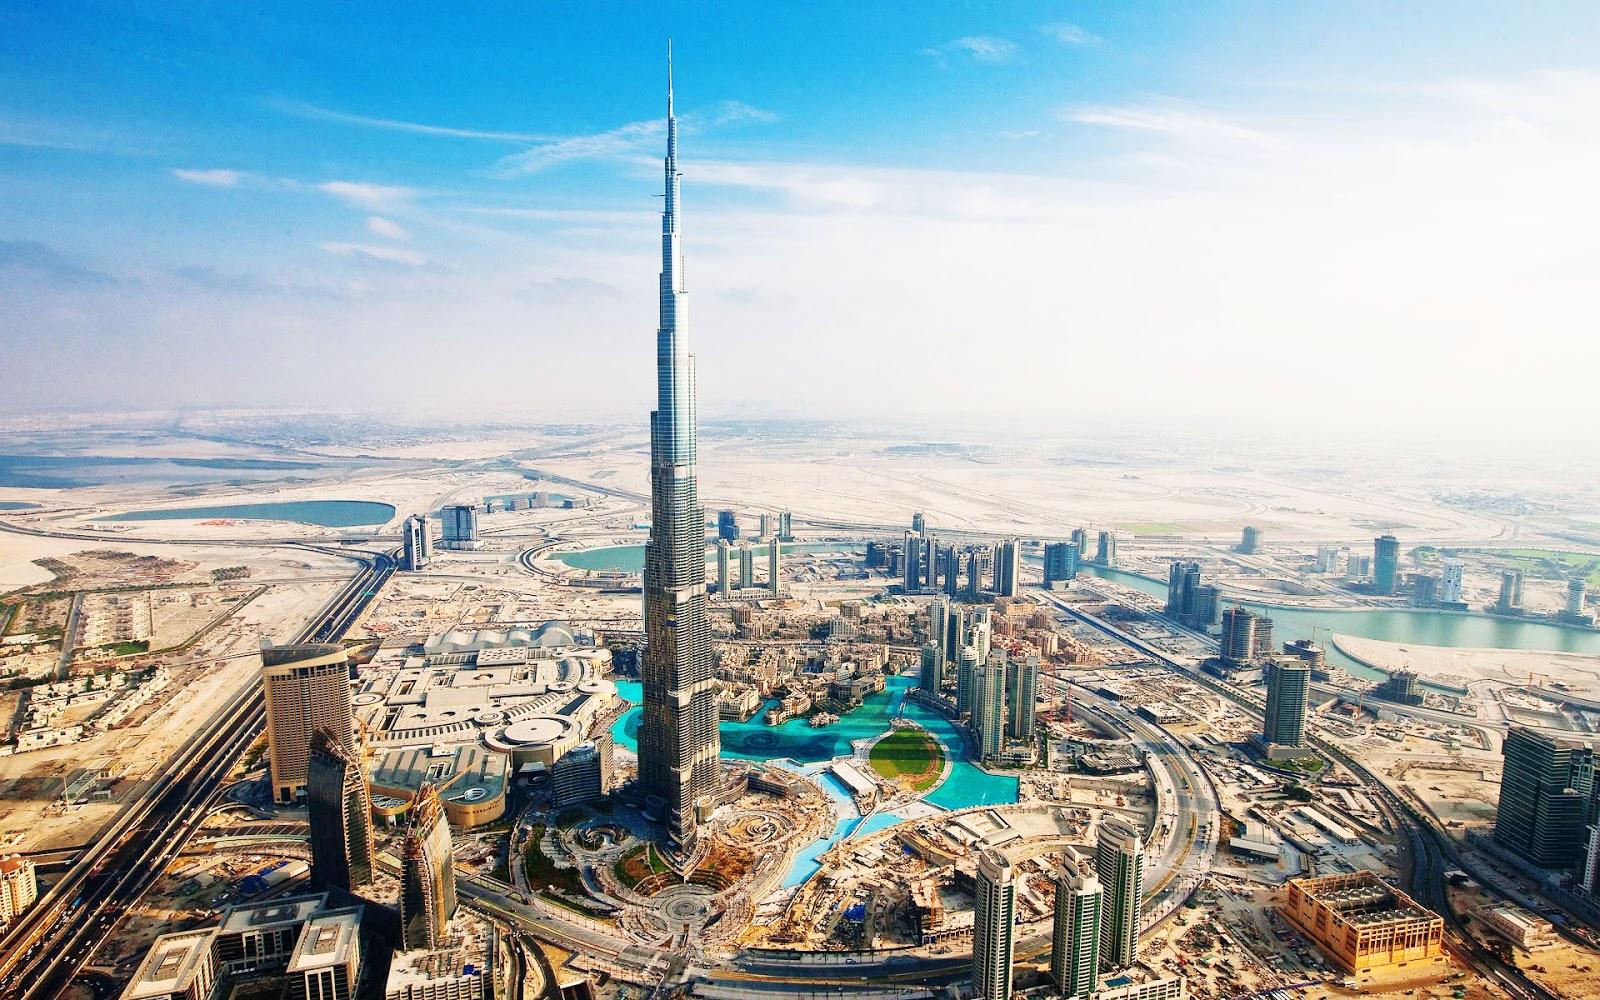 DUBAI EN 45 GIGAS